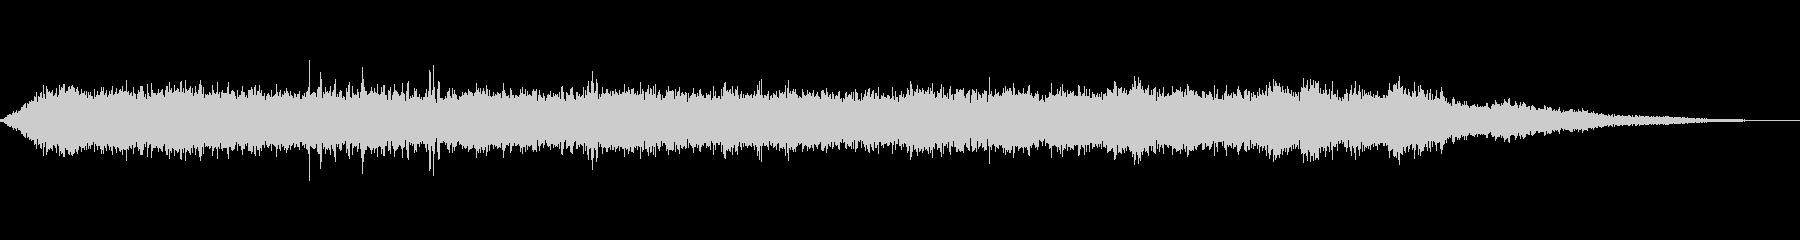 海 波 浜辺 海岸 カモメ等の環境音08の未再生の波形